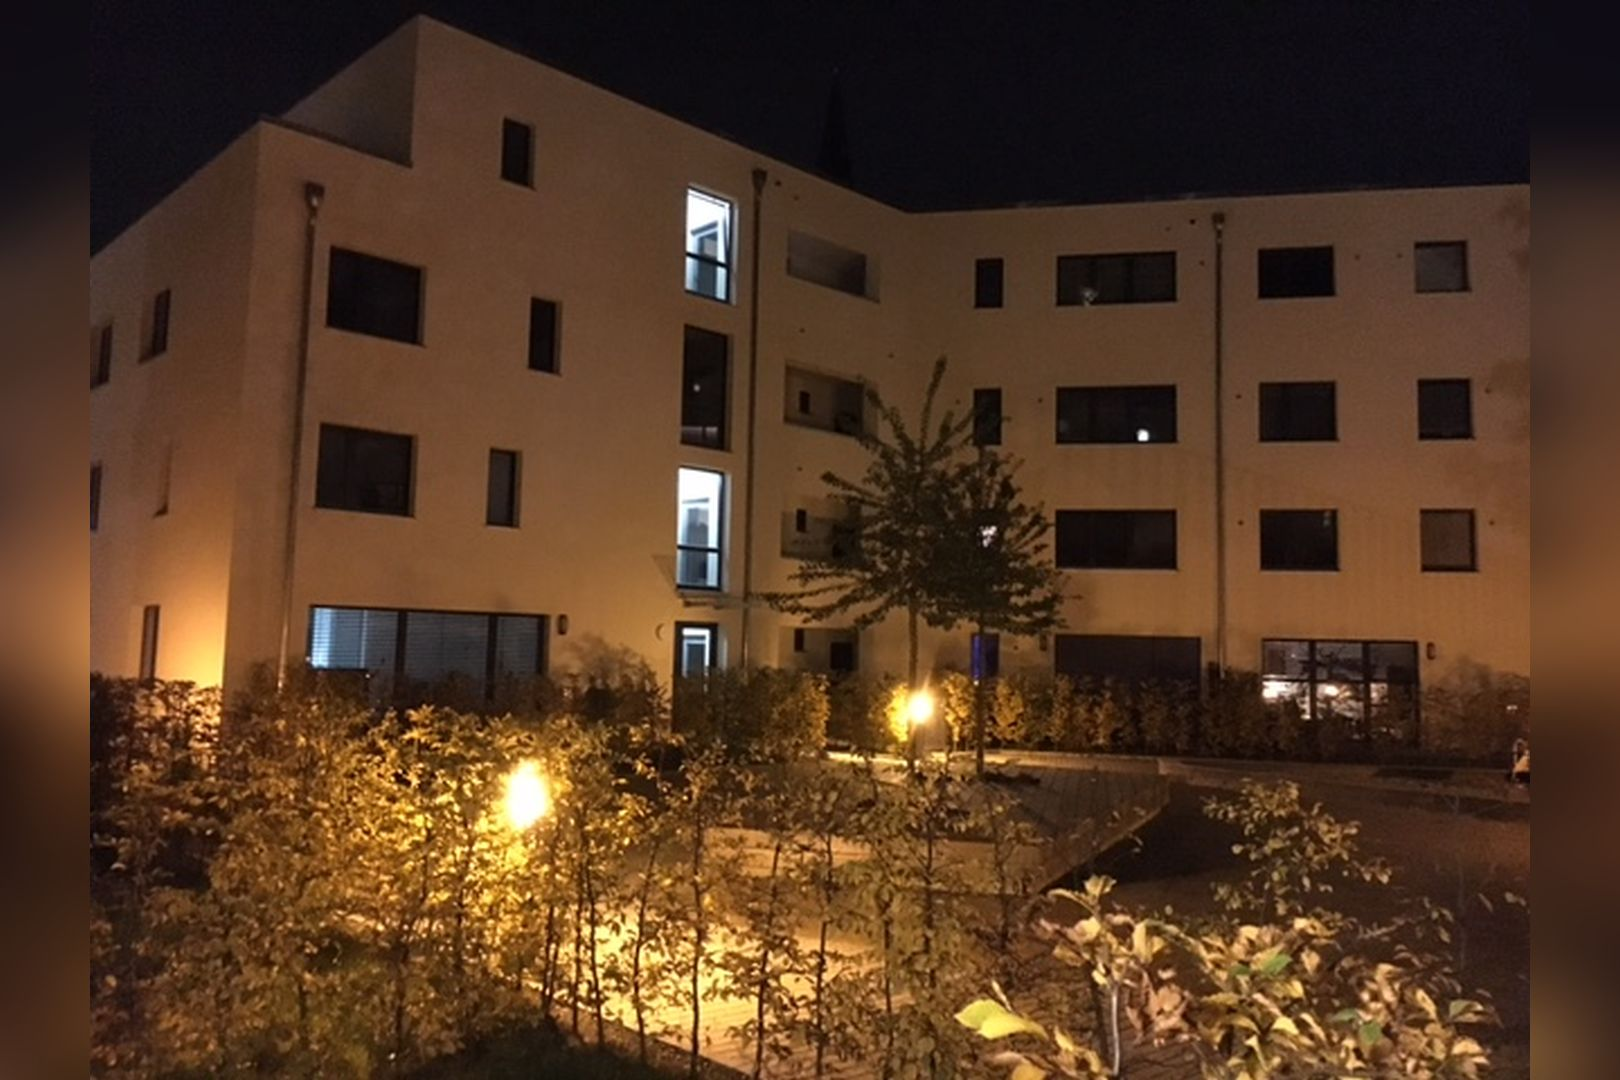 Immobilie Nr.0285 - 3-Zimmer-Maisonettewohnung mit Dachterrasse und TG-Stellplatz - Bild 5.jpg